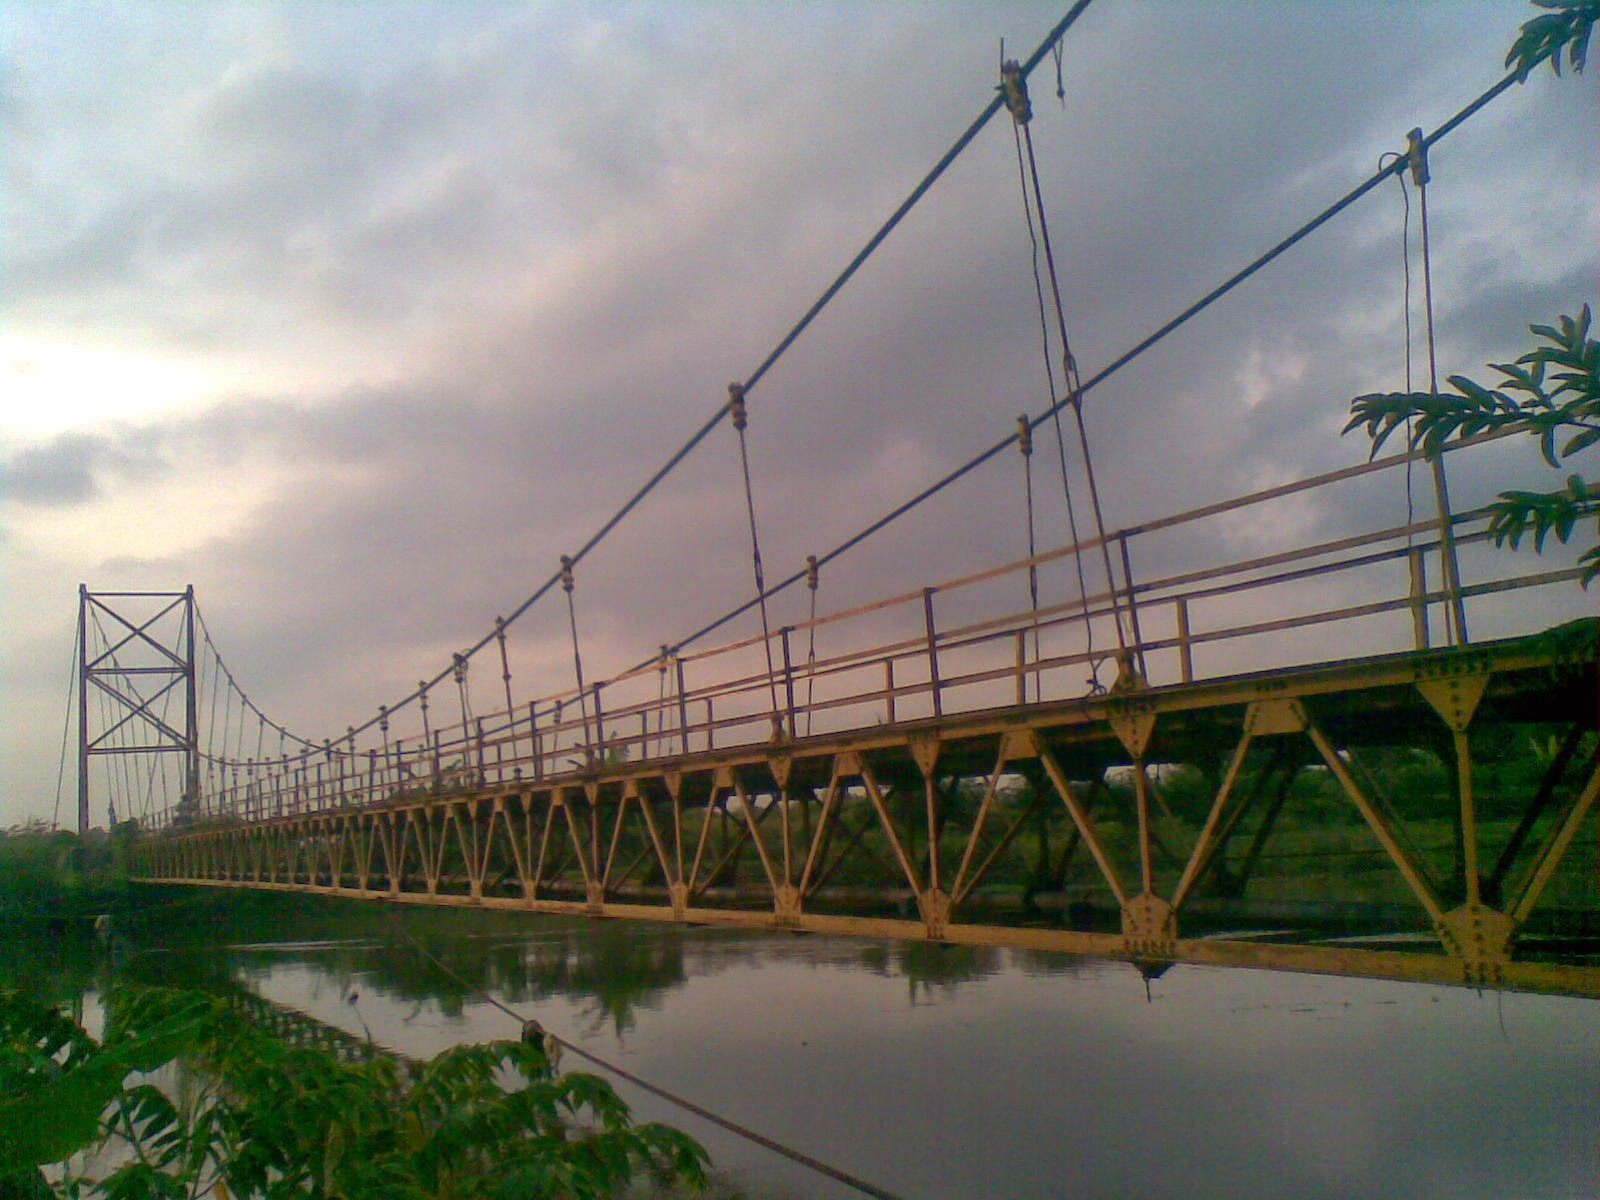 Jembatan Mengerikan Pati Video Arsip Ngeri Tragis Kota Hutan Mangrove